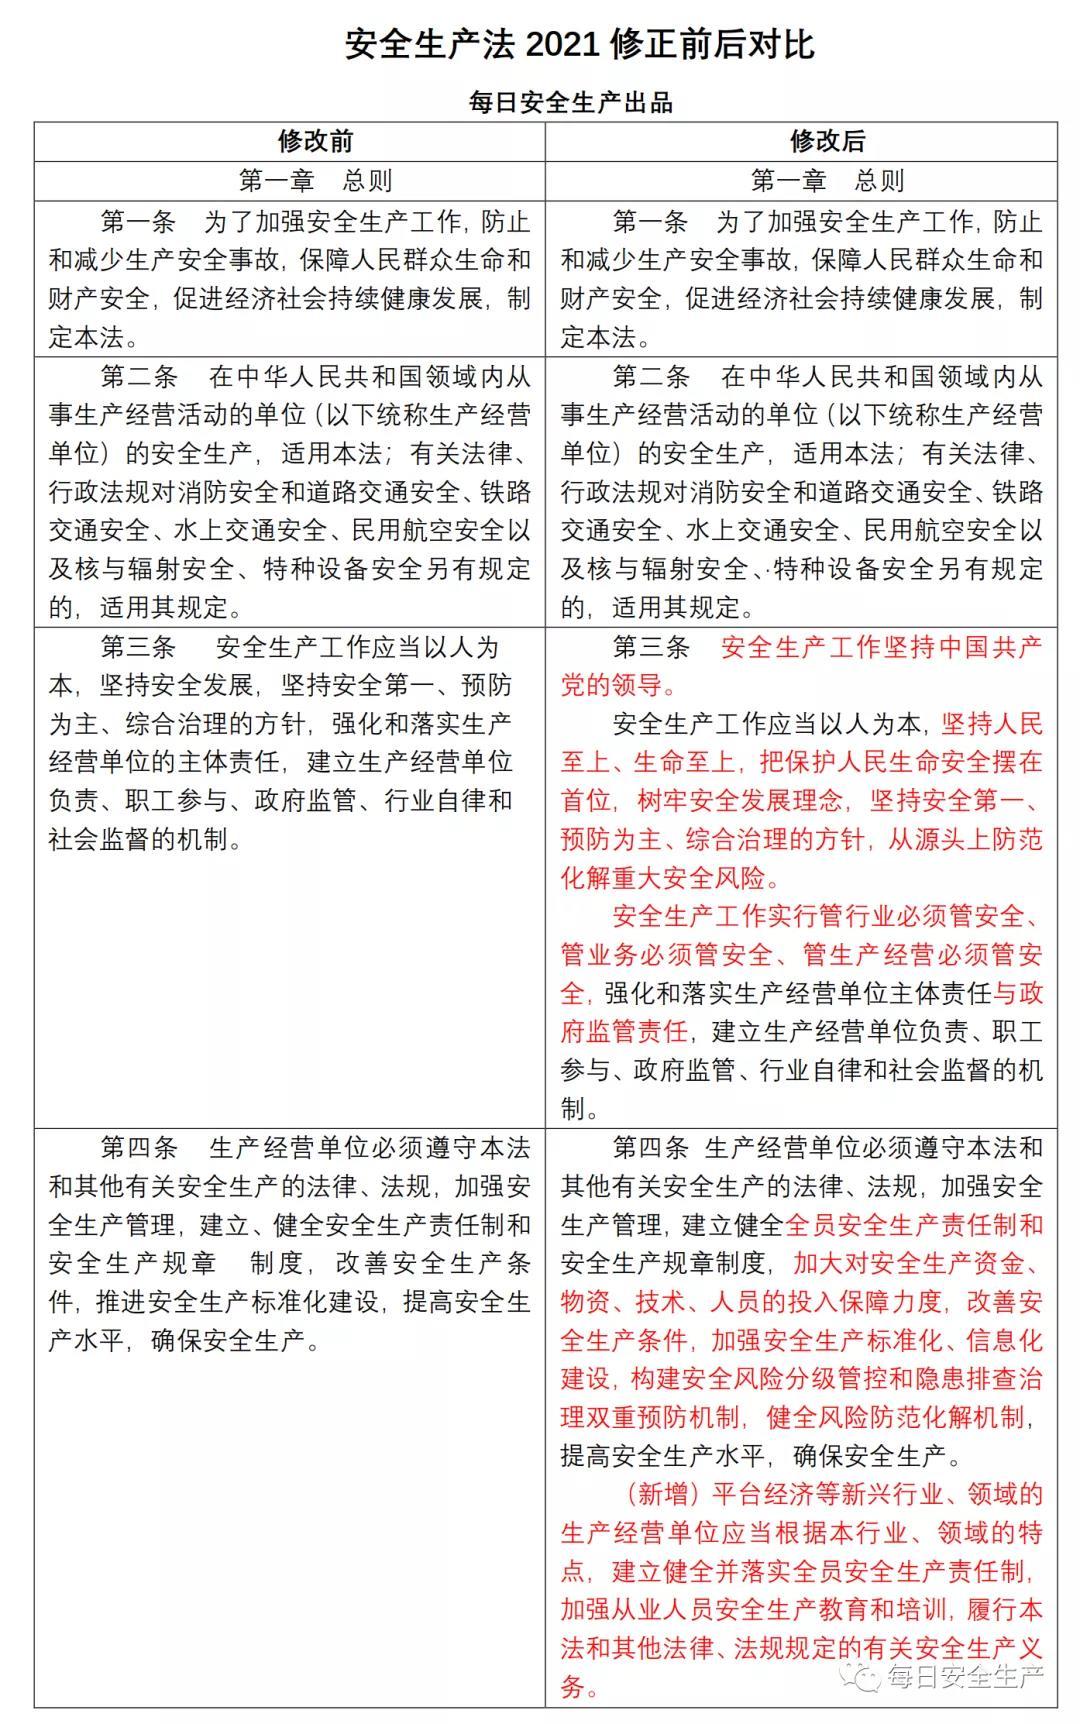 扩散 | 新修订的《中华人民共和国安全生产法》9月1日起施行,最高可罚款1亿元